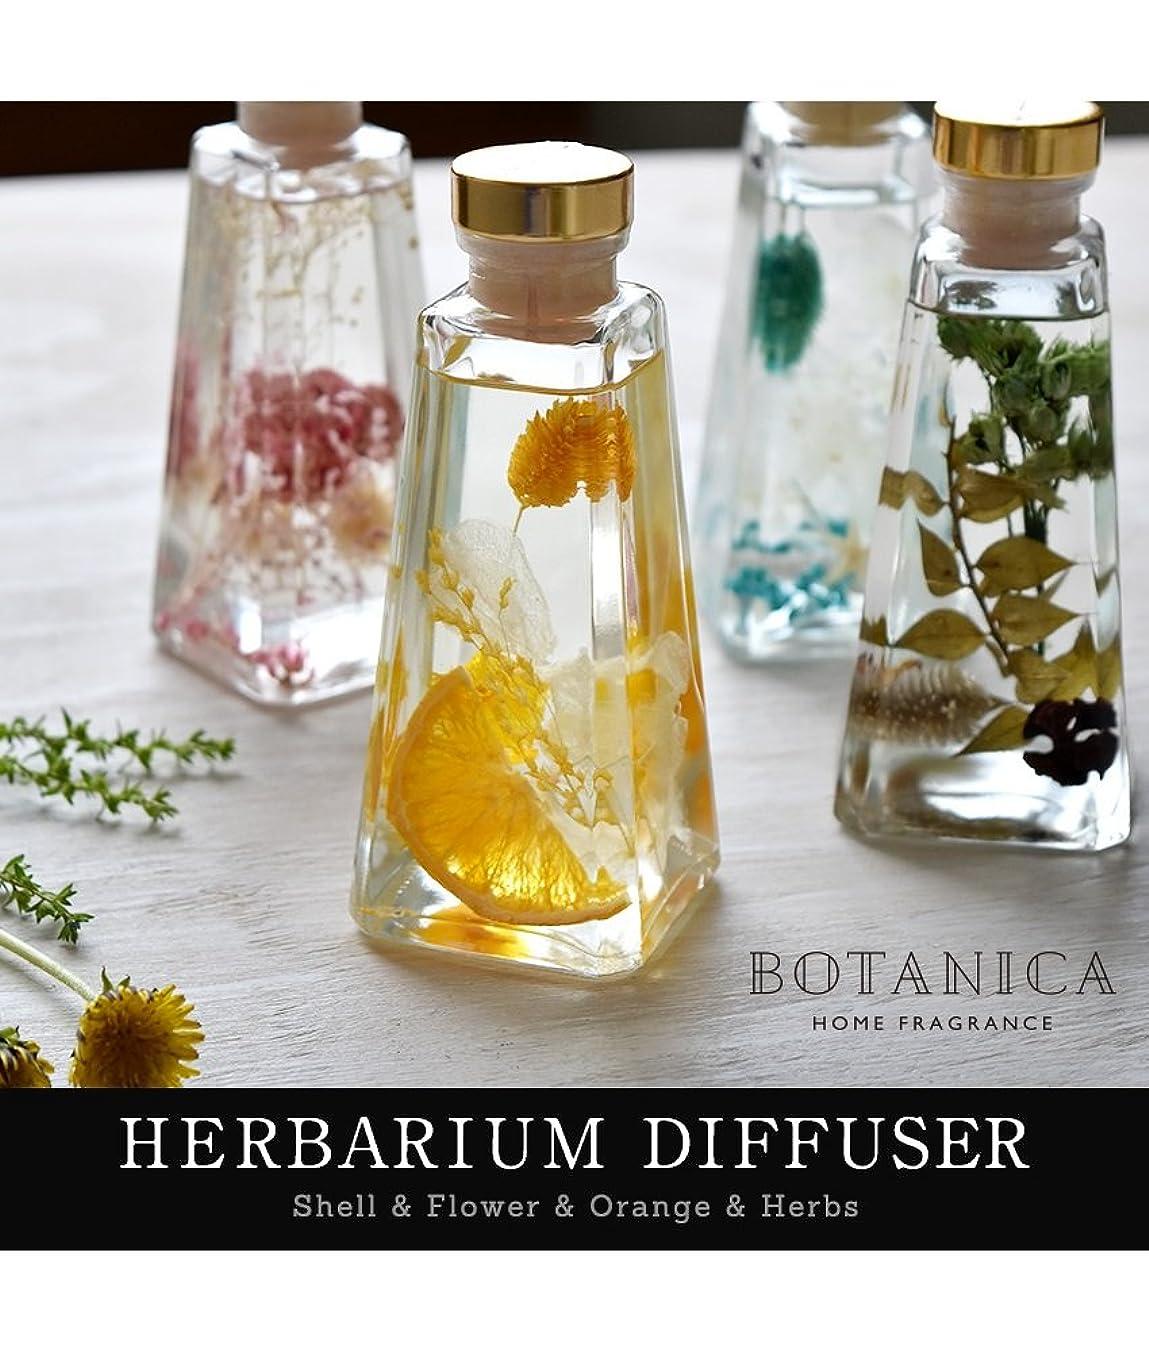 ボタニカ ハーバリウム ディフューザー 【グリーン/Neat Herbs】 ホームフレグランス